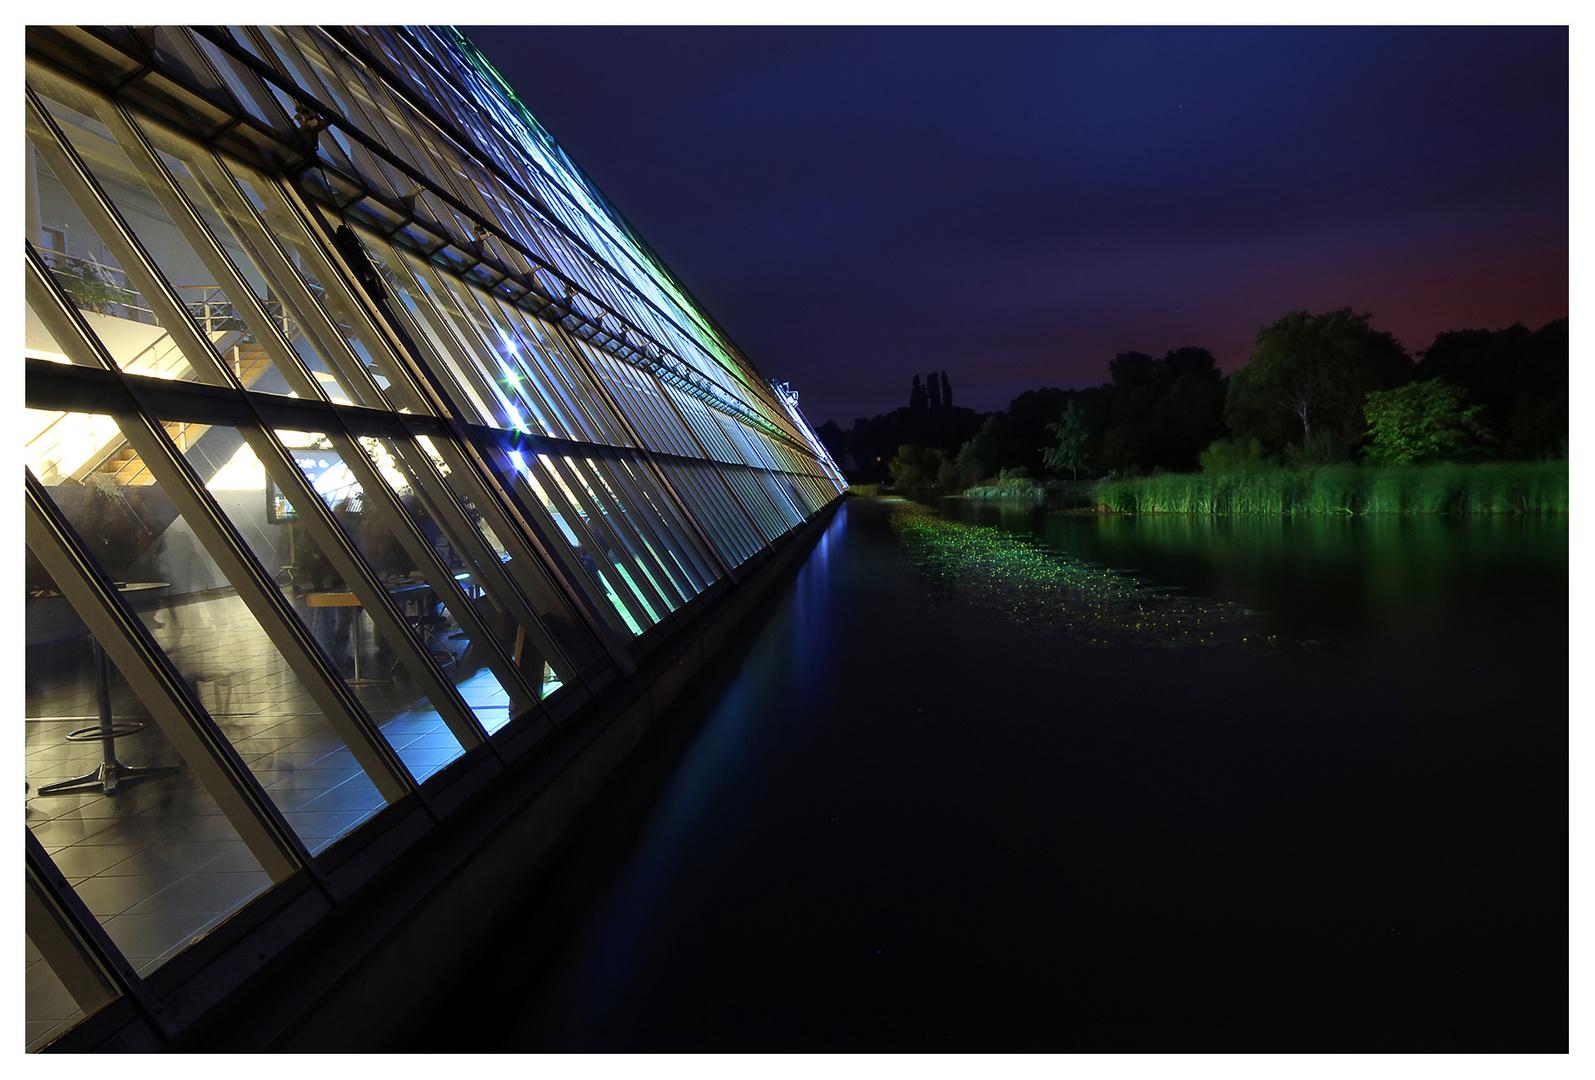 Wissenschaftspark - Nuit de la Photographie